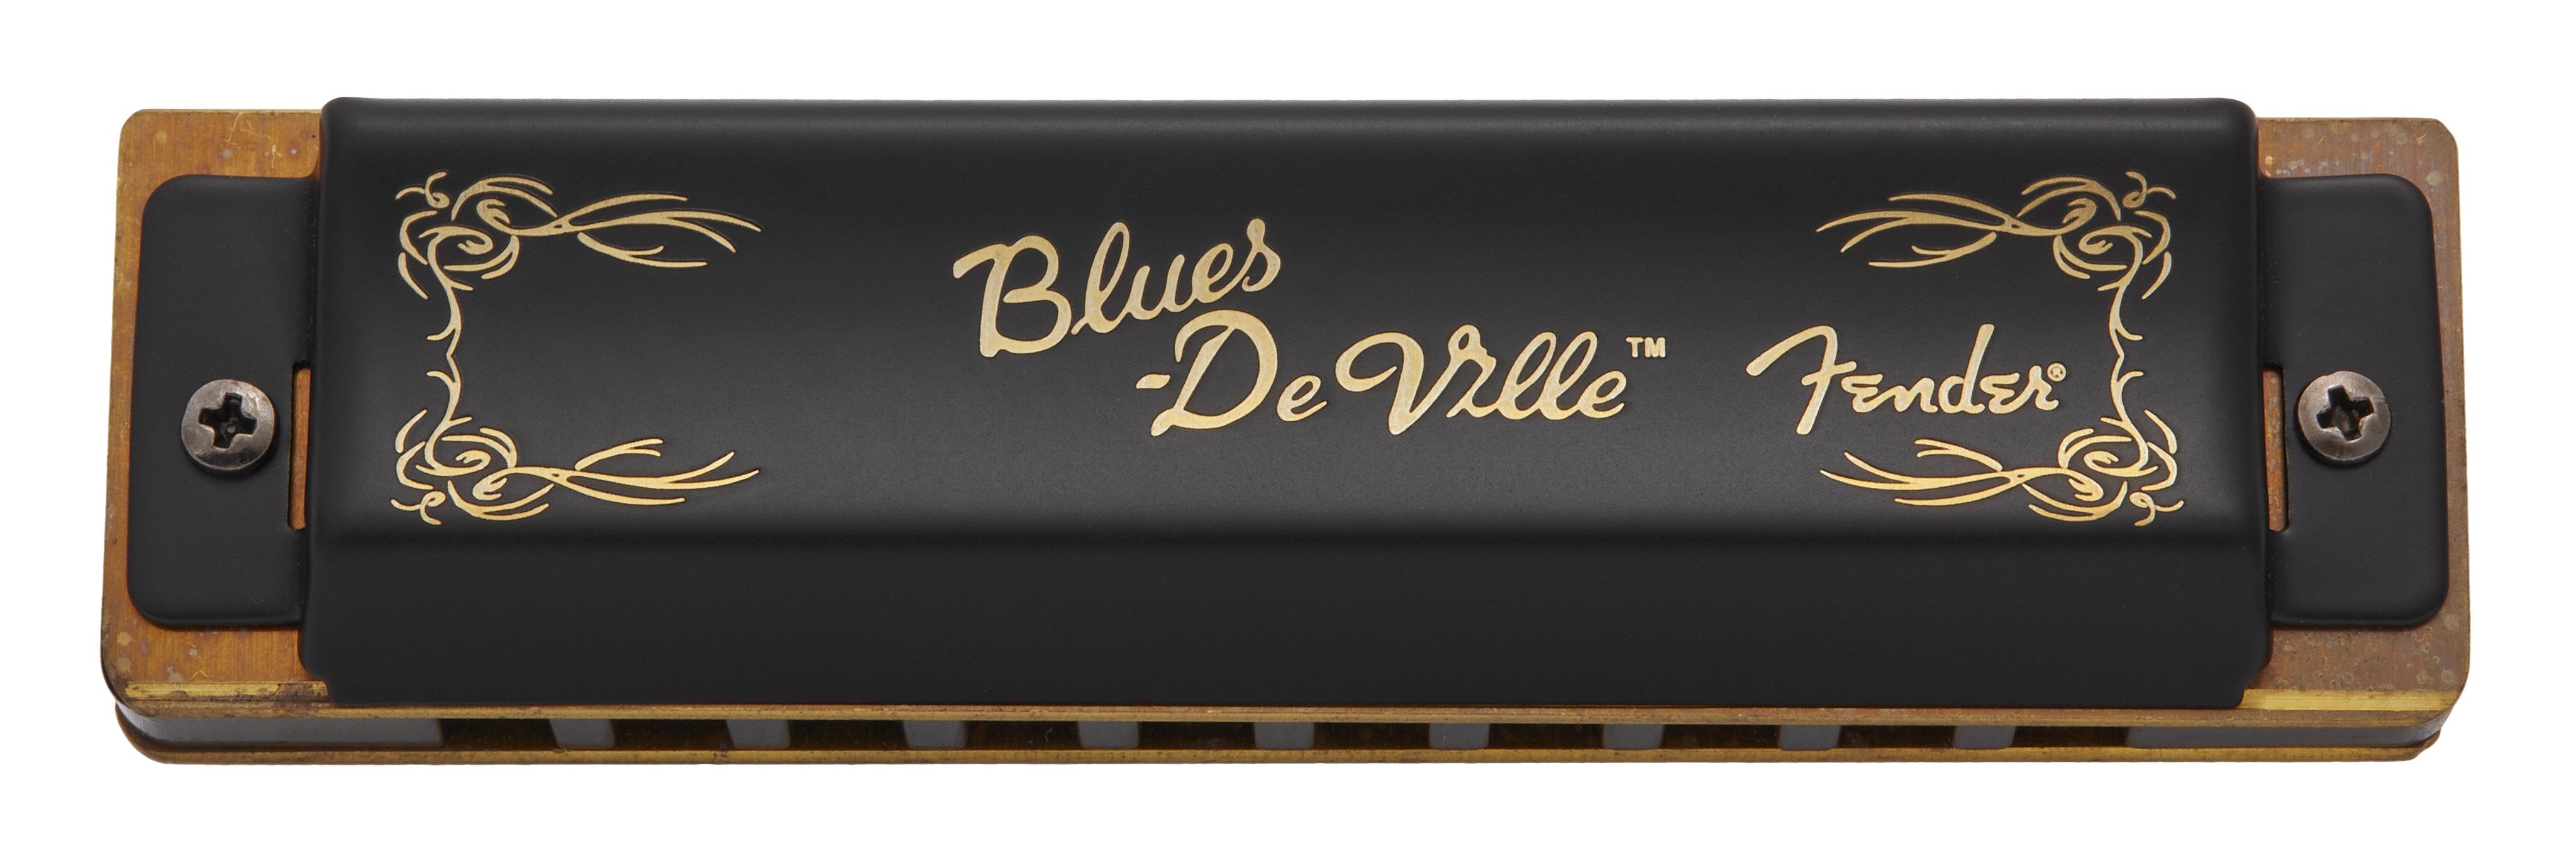 Fender Blues DeVille Key of F